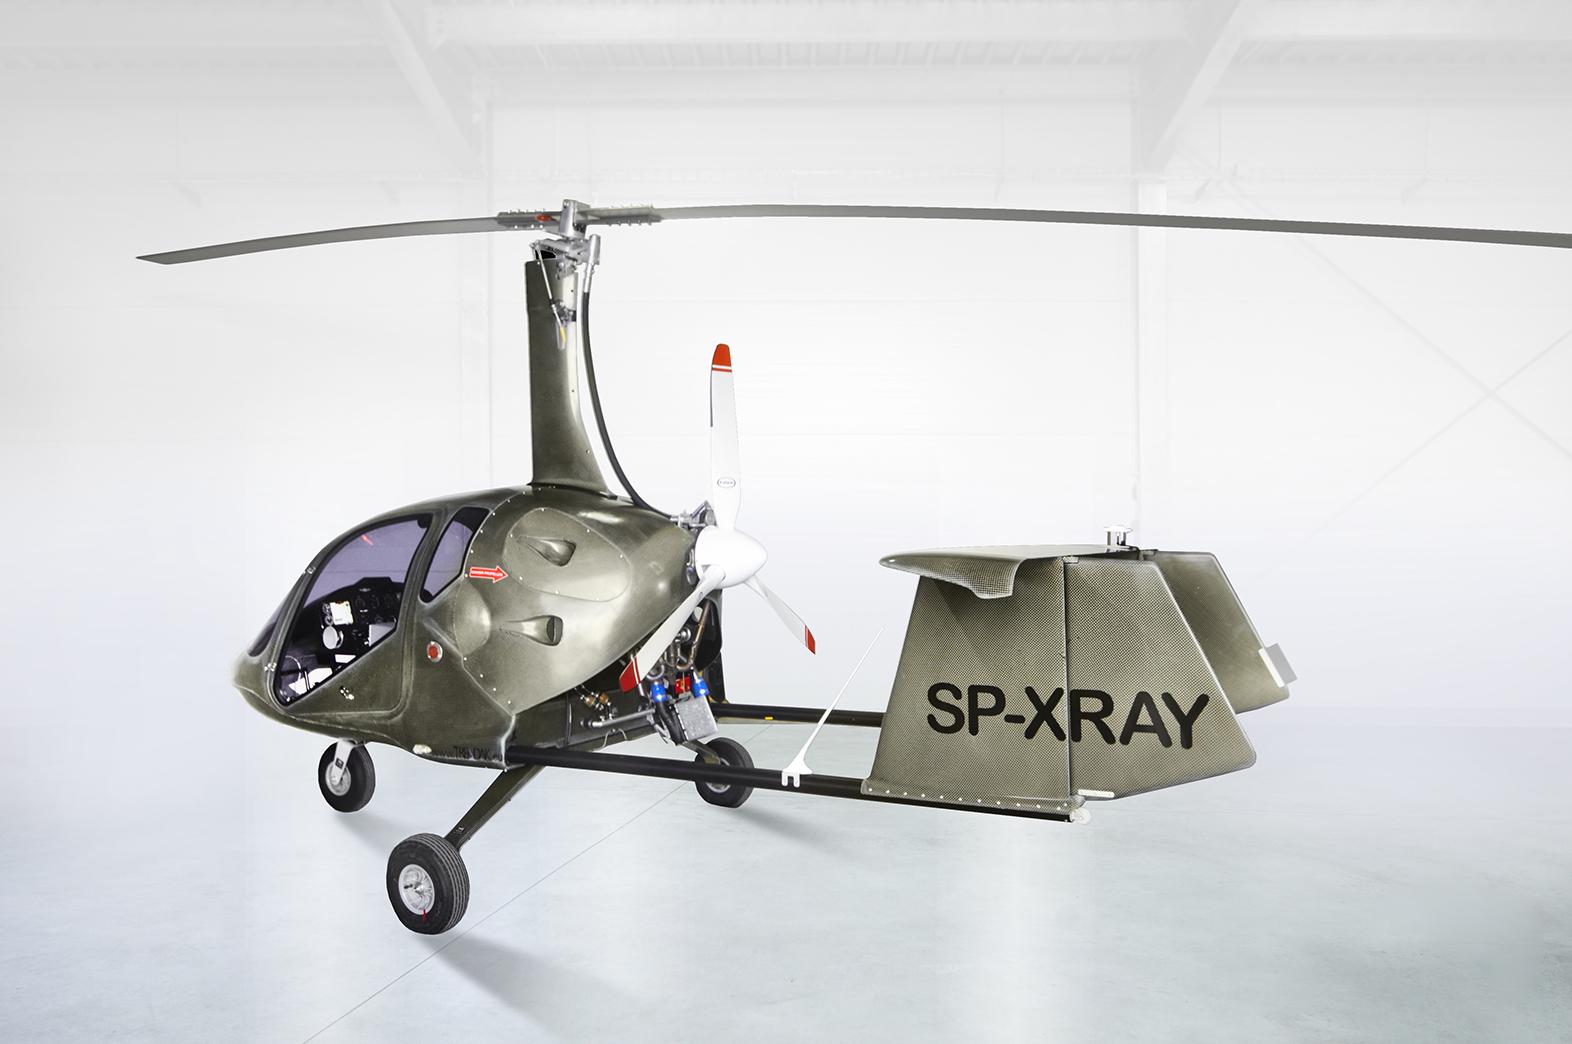 Taurus biggest 3 seater gyroplane, gyrocopter as multipurpose machine